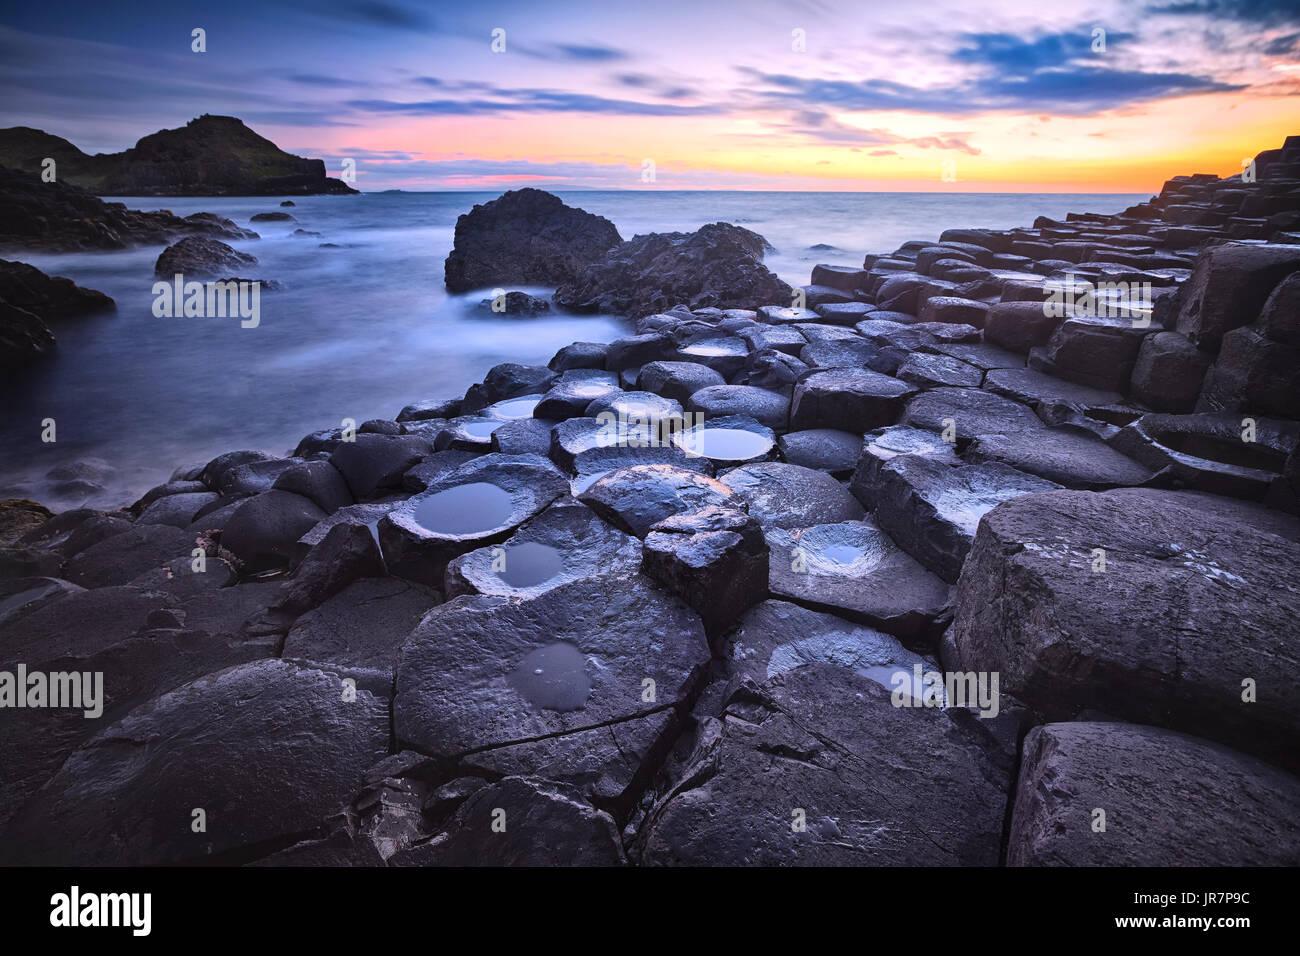 Sonnenuntergang über Basalt Felsen Bildung Giant es Causeway, Port Ganny Bay und große Stookan, County Antrim, Nordirland, Vereinigtes Königreich Stockbild